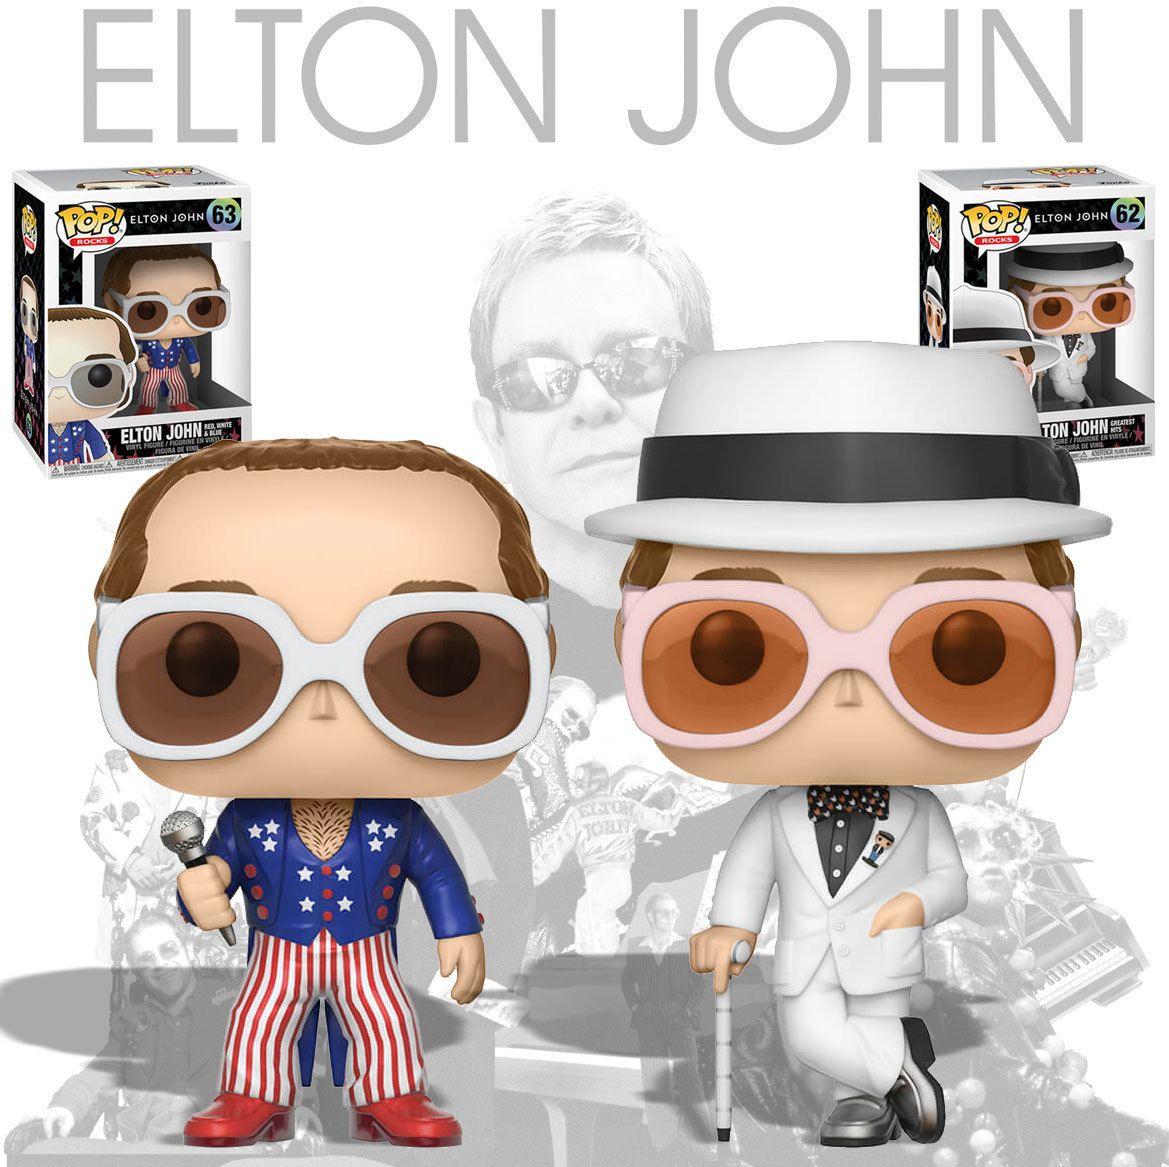 770f5e10fb0 Funko POP! Rocks Elton John Bundle (2 POPs) - New